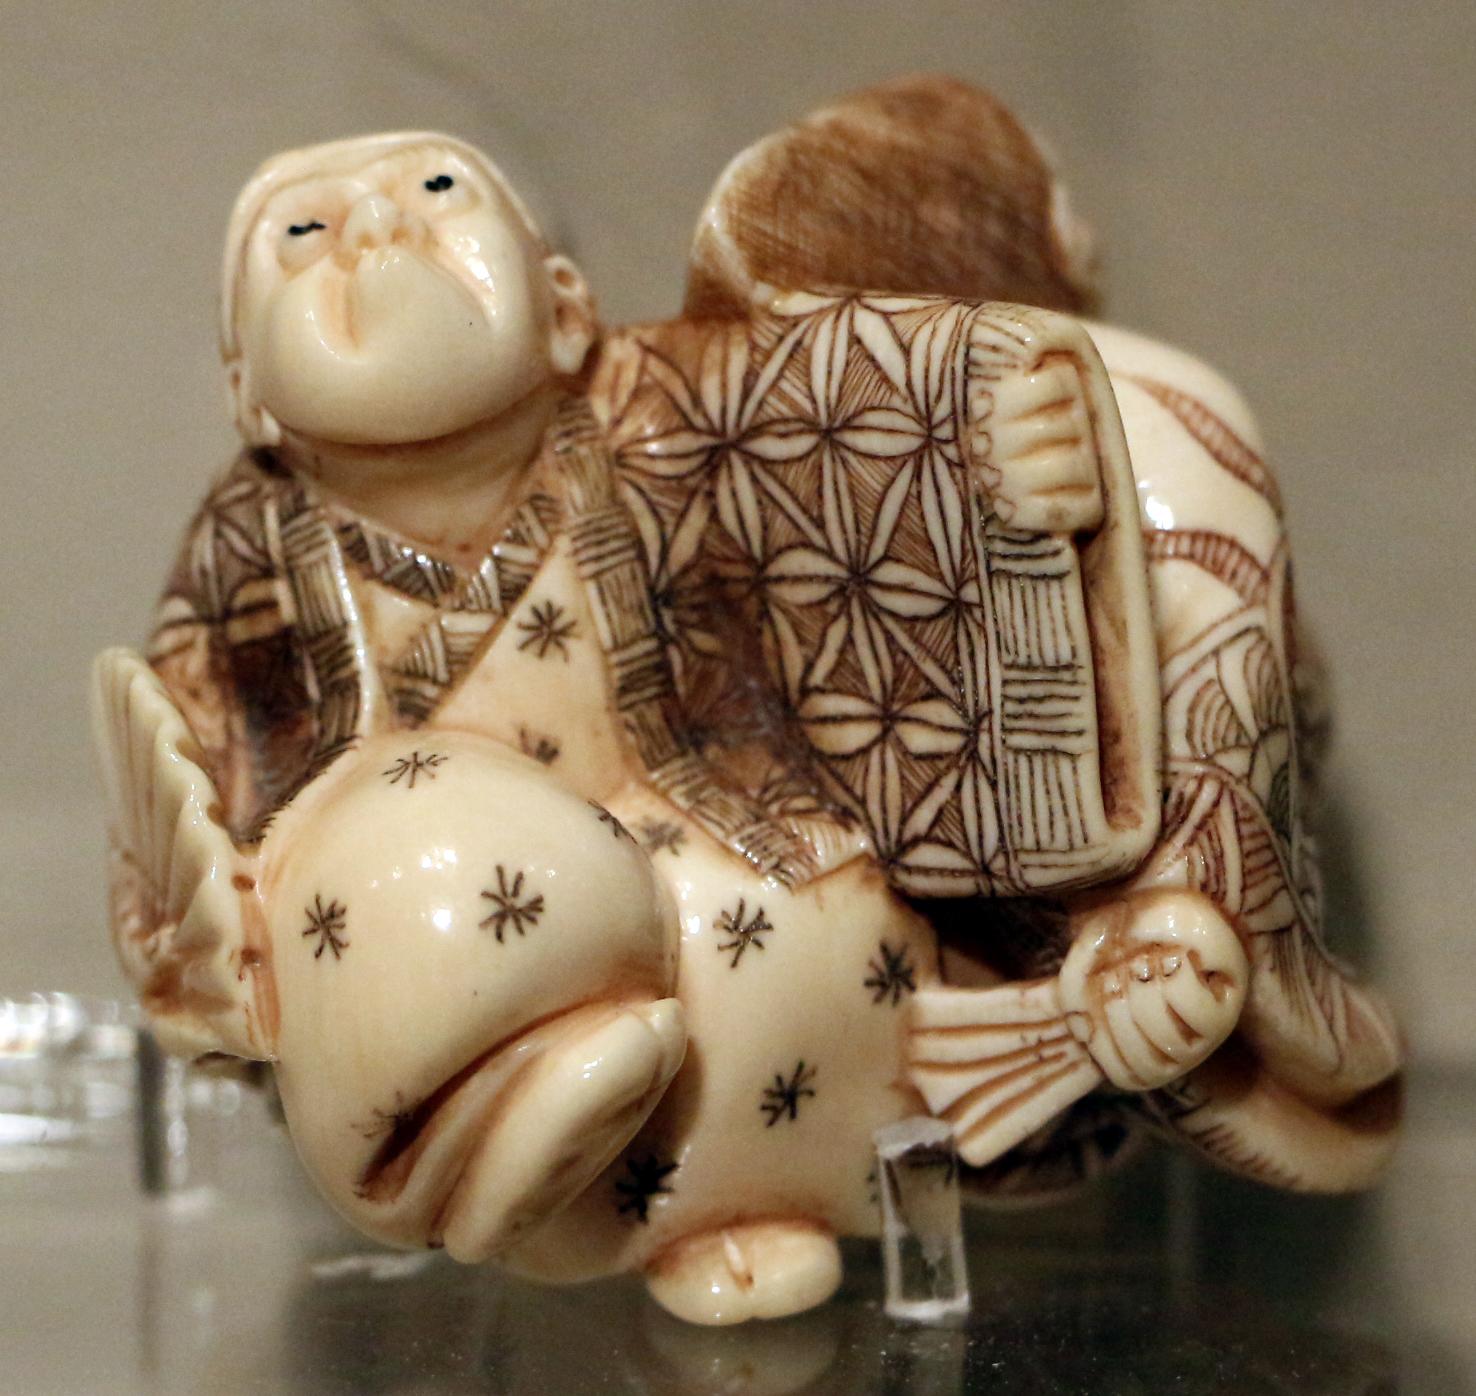 dating netsuke figurines wikipedia wikipedia page